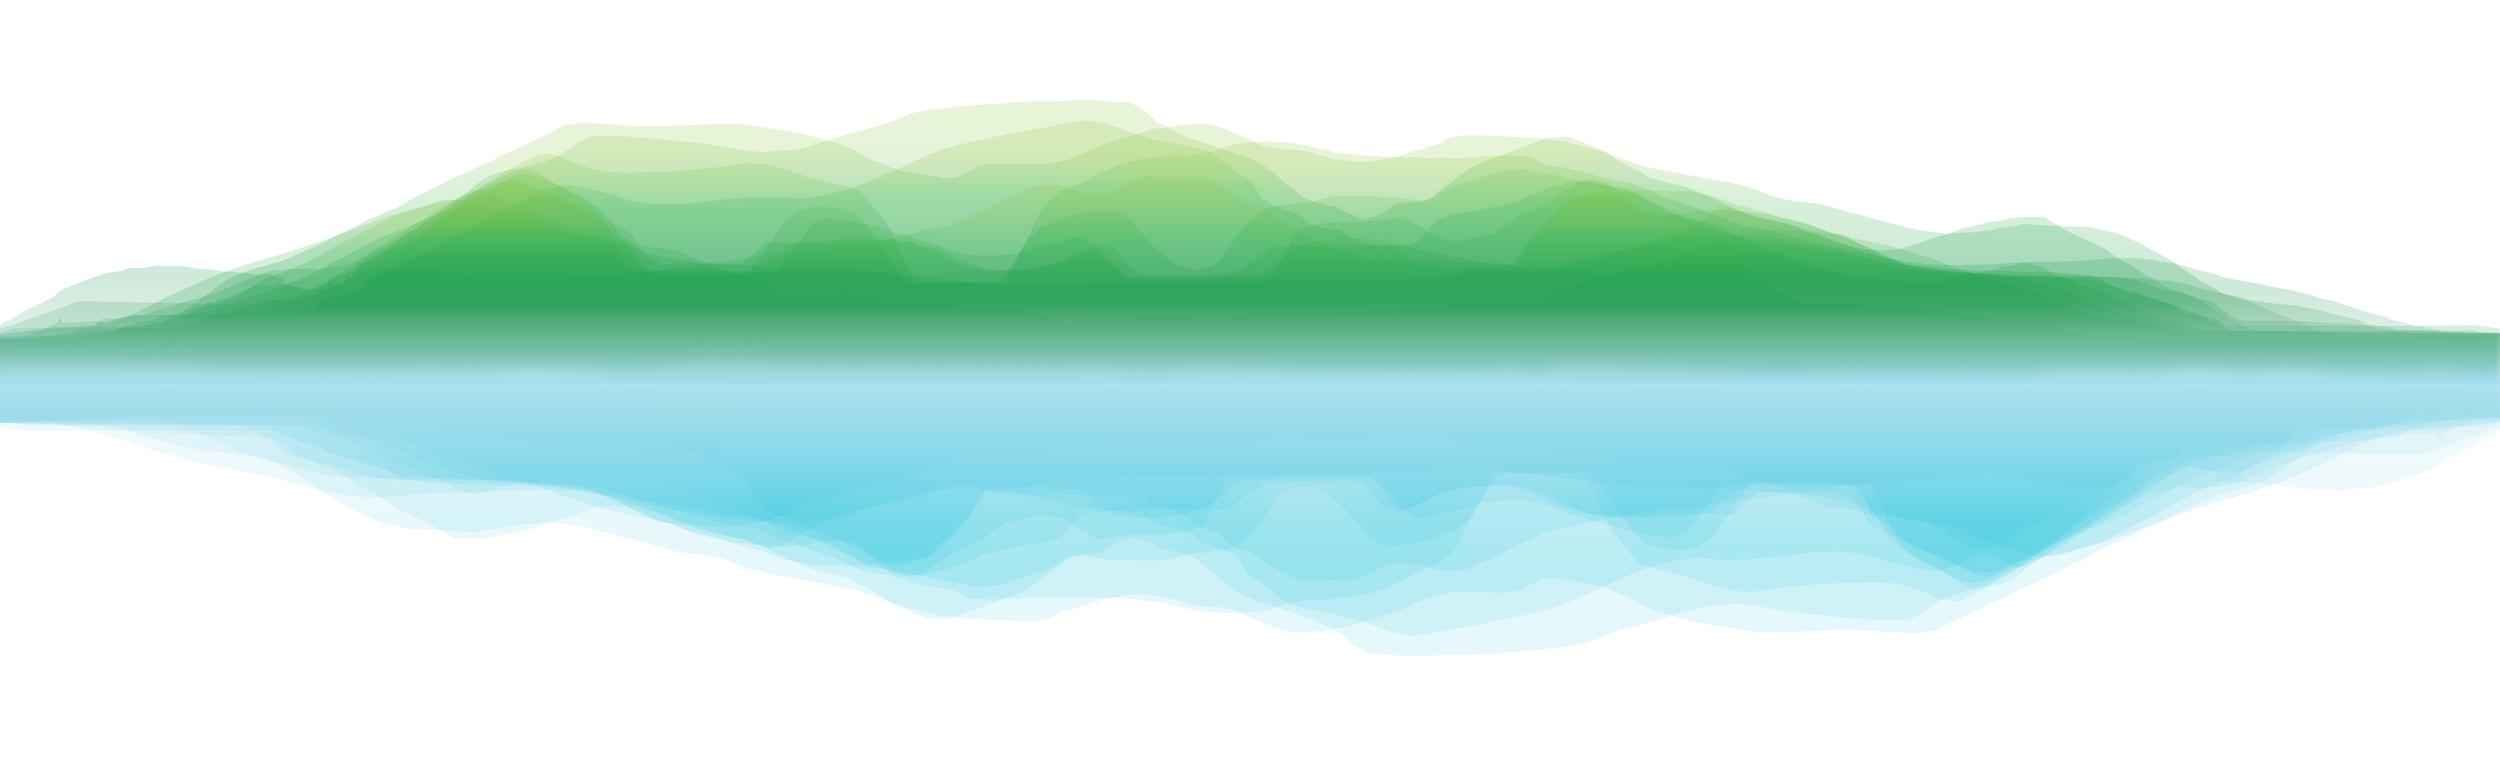 BA_St. Kitts_1_Aquifer_Concept.jpg